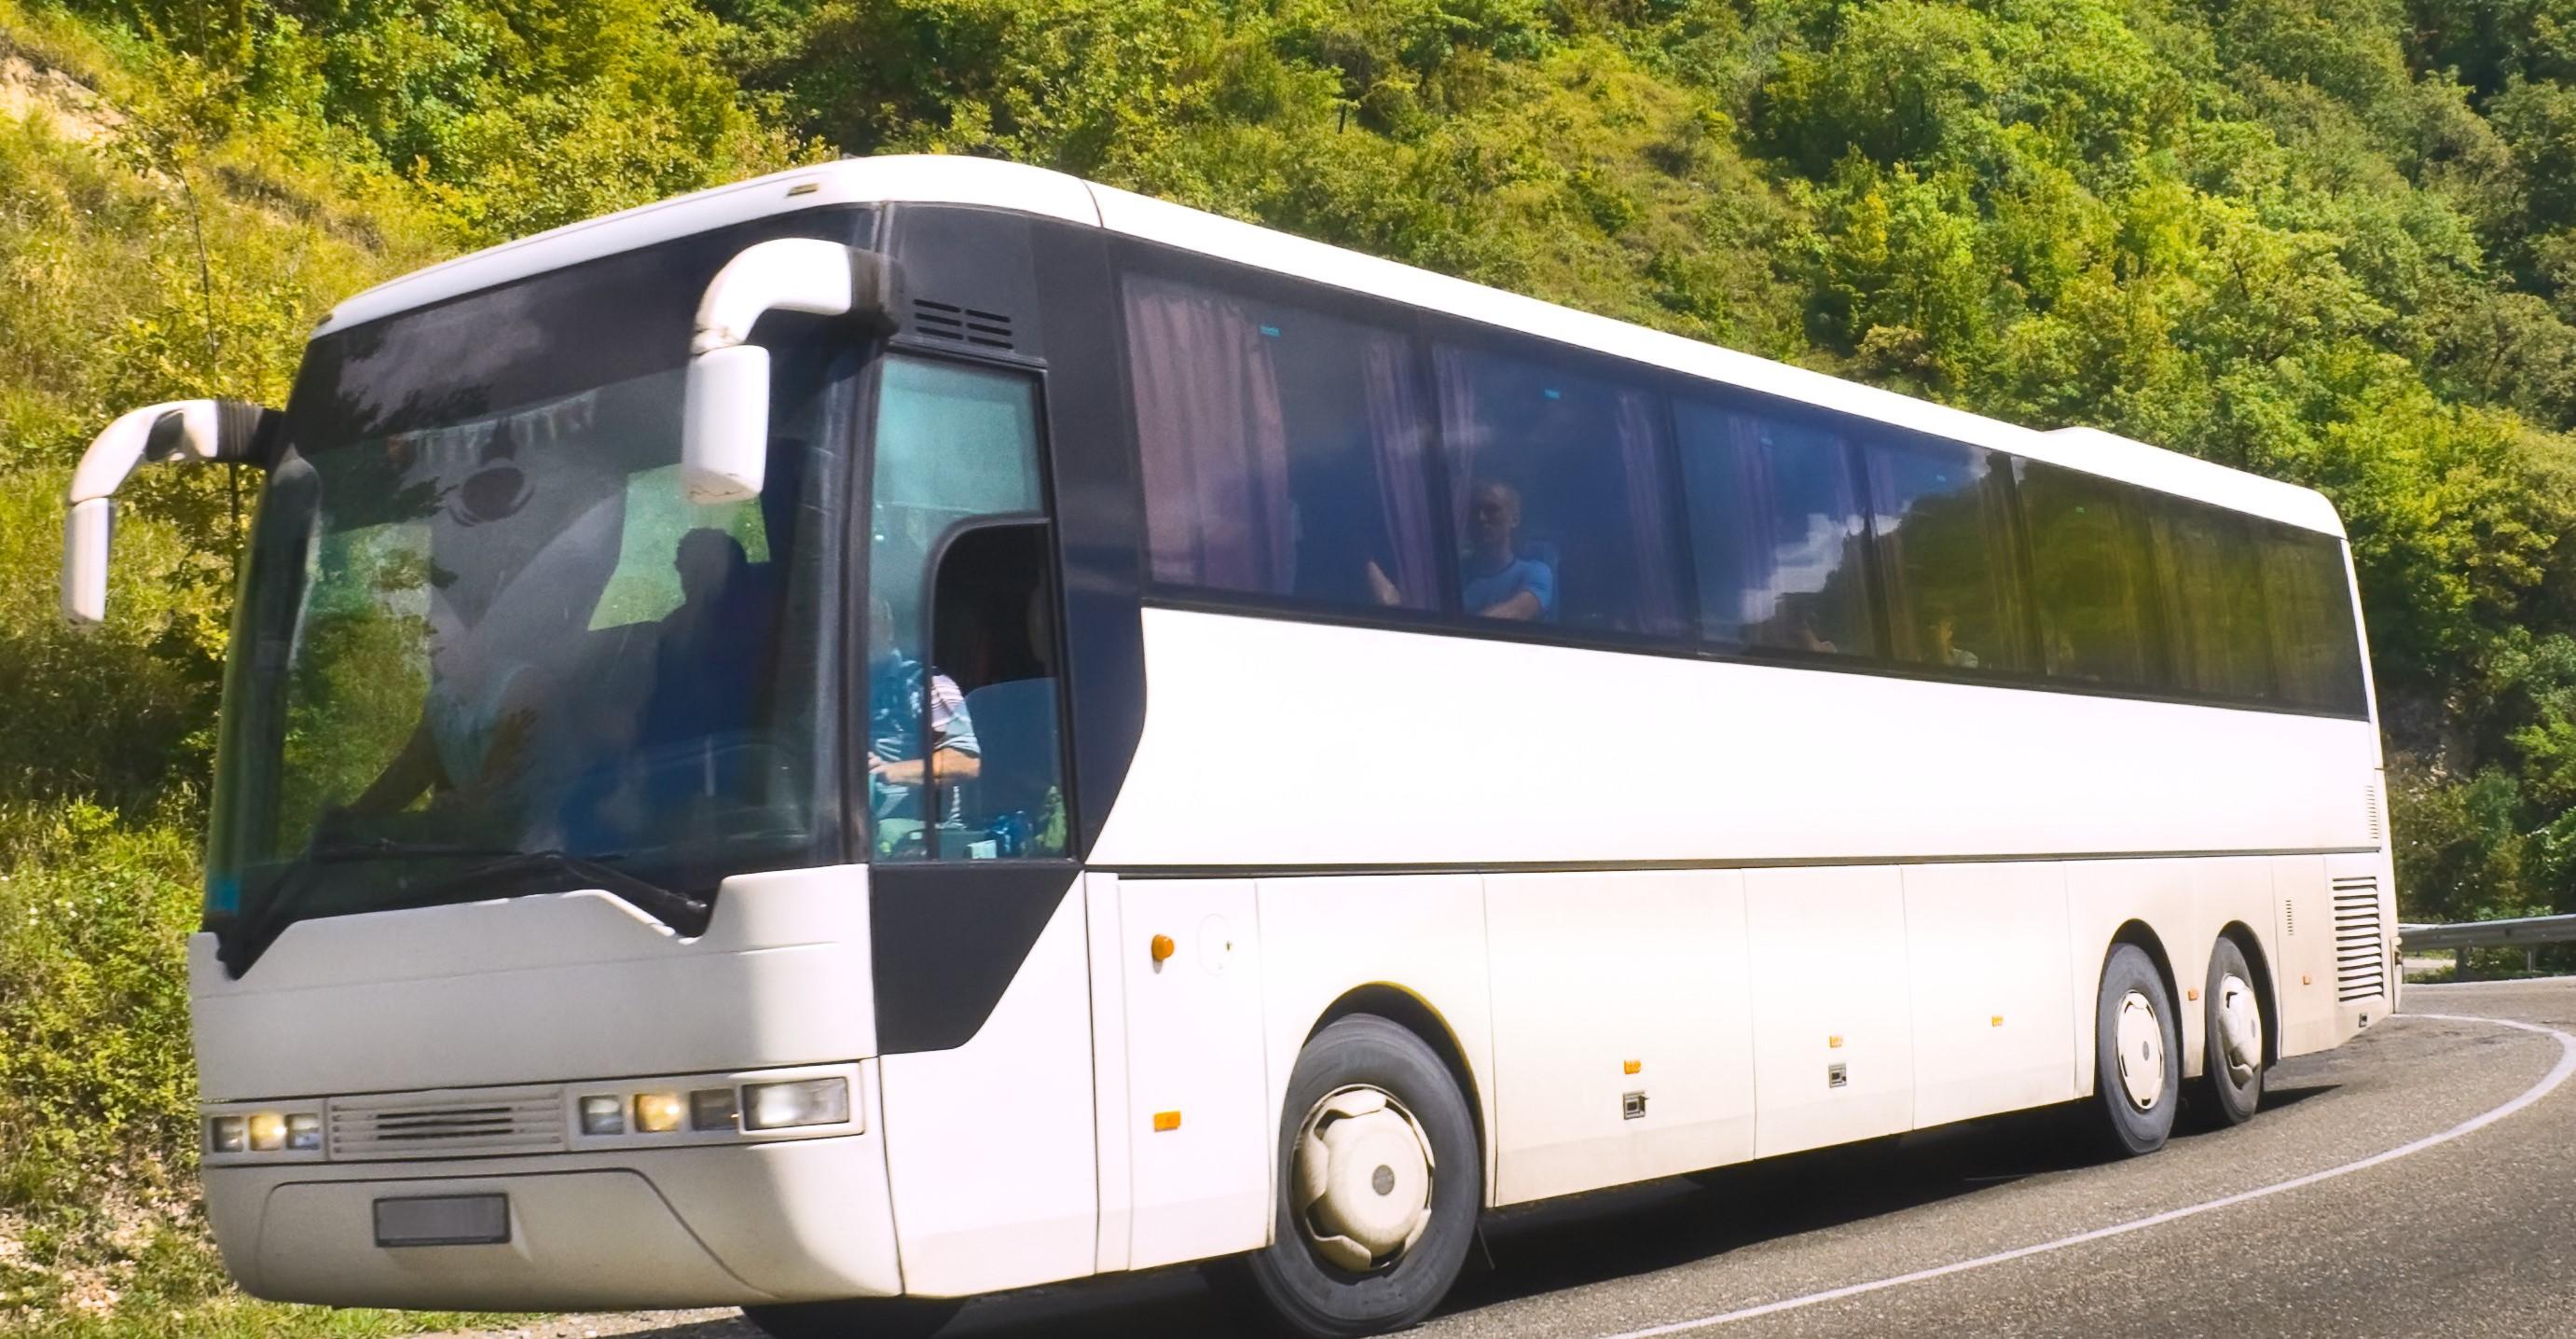 France : Sécurité routière – Port de la ceinture de sécurité dans les véhicules de transports en commun.